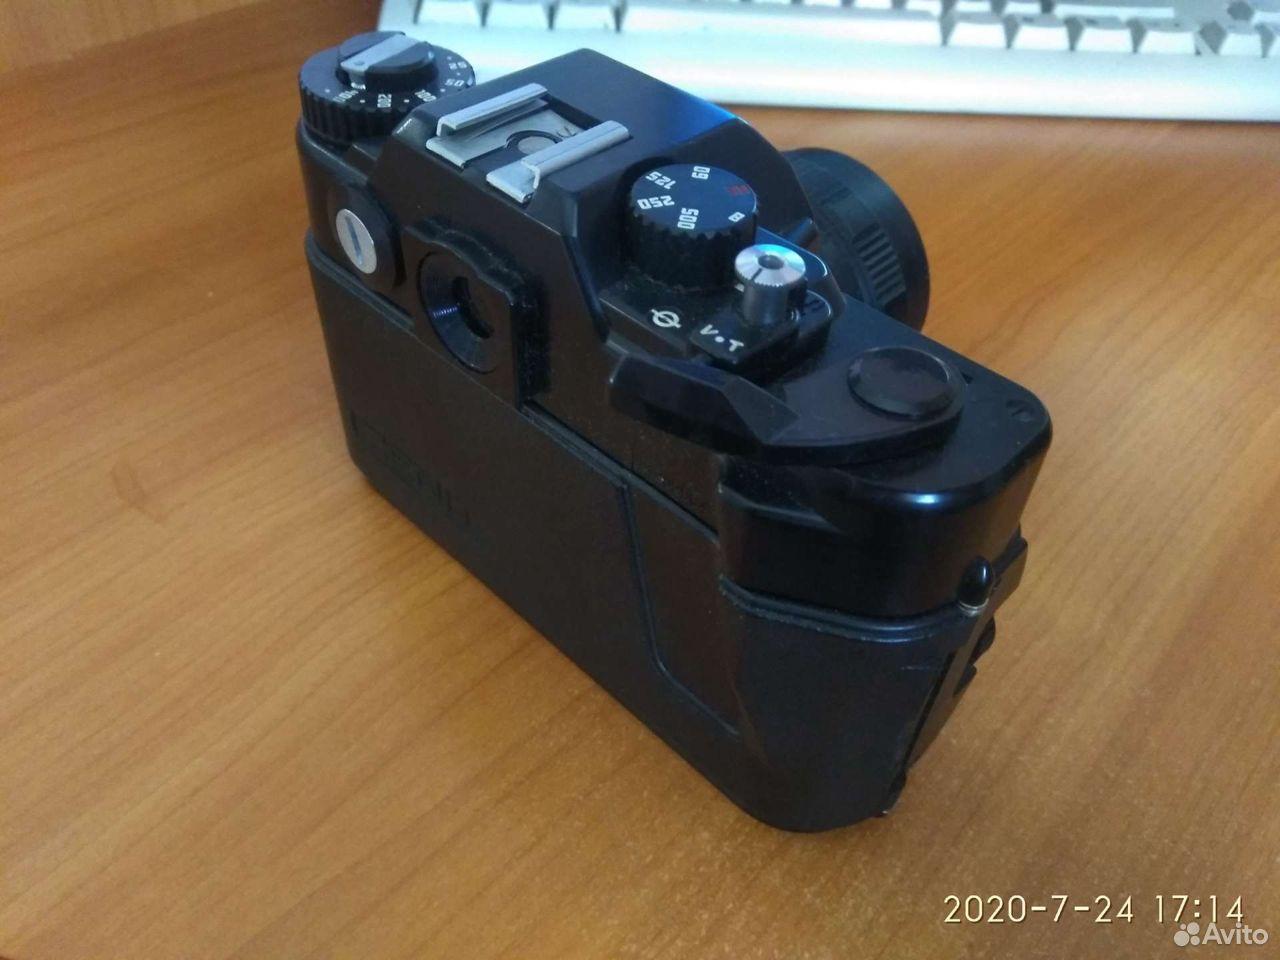 Фотоаппарат Зенит 122  89080532961 купить 2